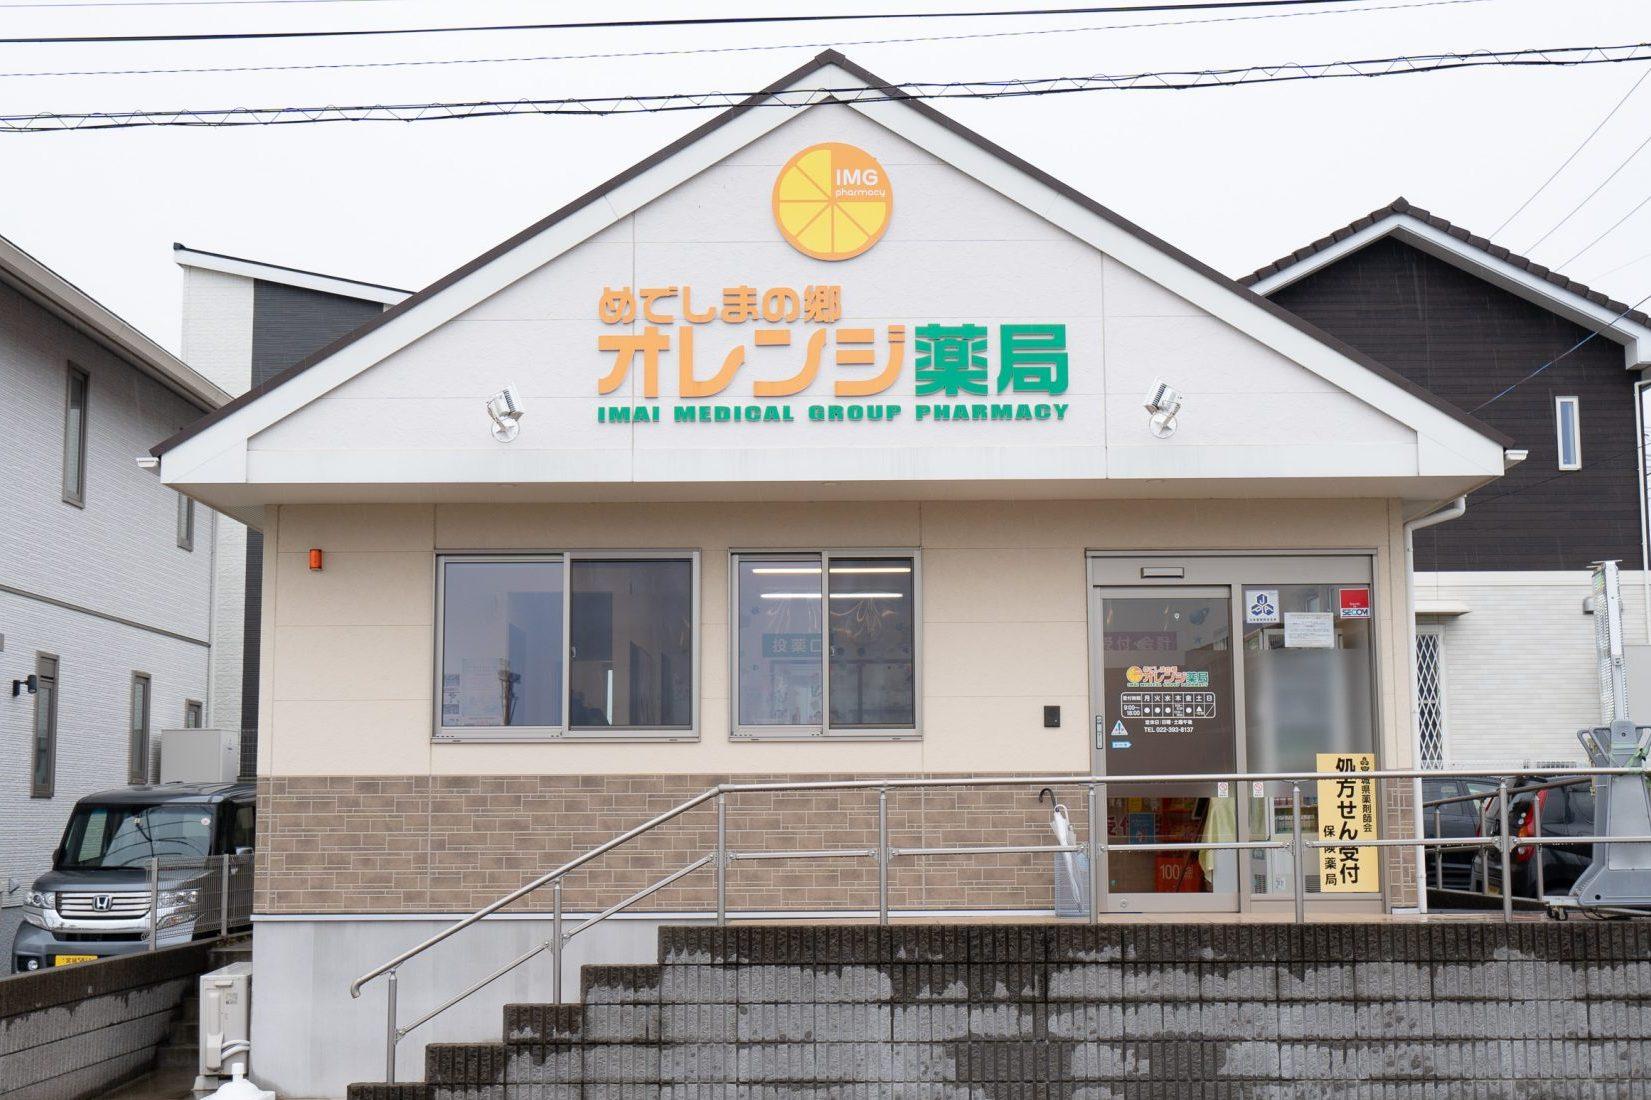 めでしまの郷オレンジ薬局 名取市の調剤薬局